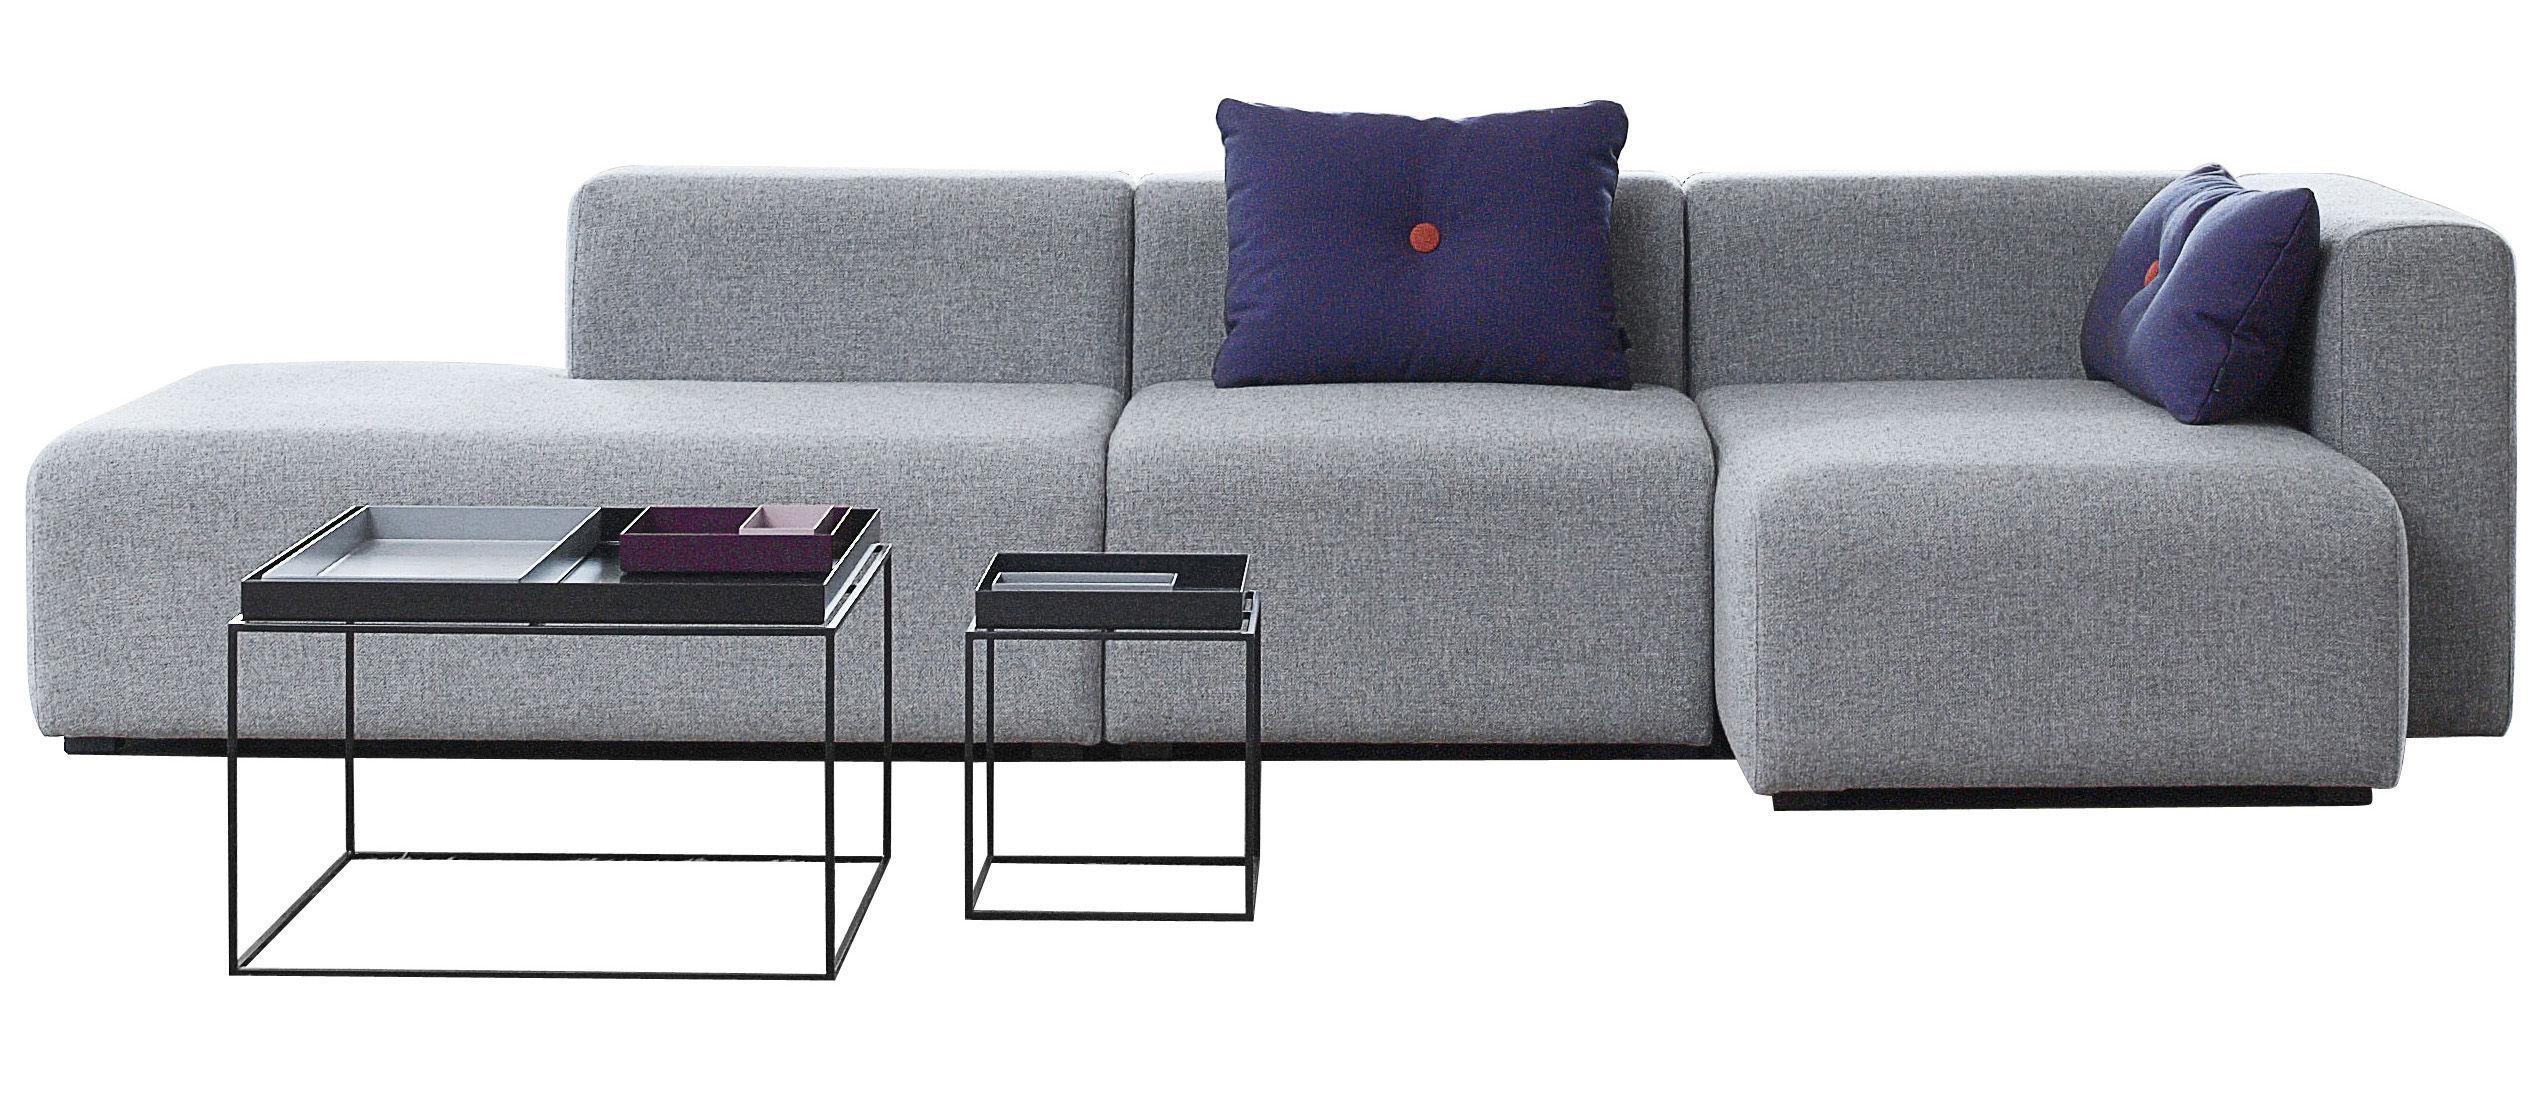 Mobilier - Canapés - Canapé d'angle Mags / L 302 cm - Accoudoir droit - Hay - Gris clair - Accoudoir droit - Tissu